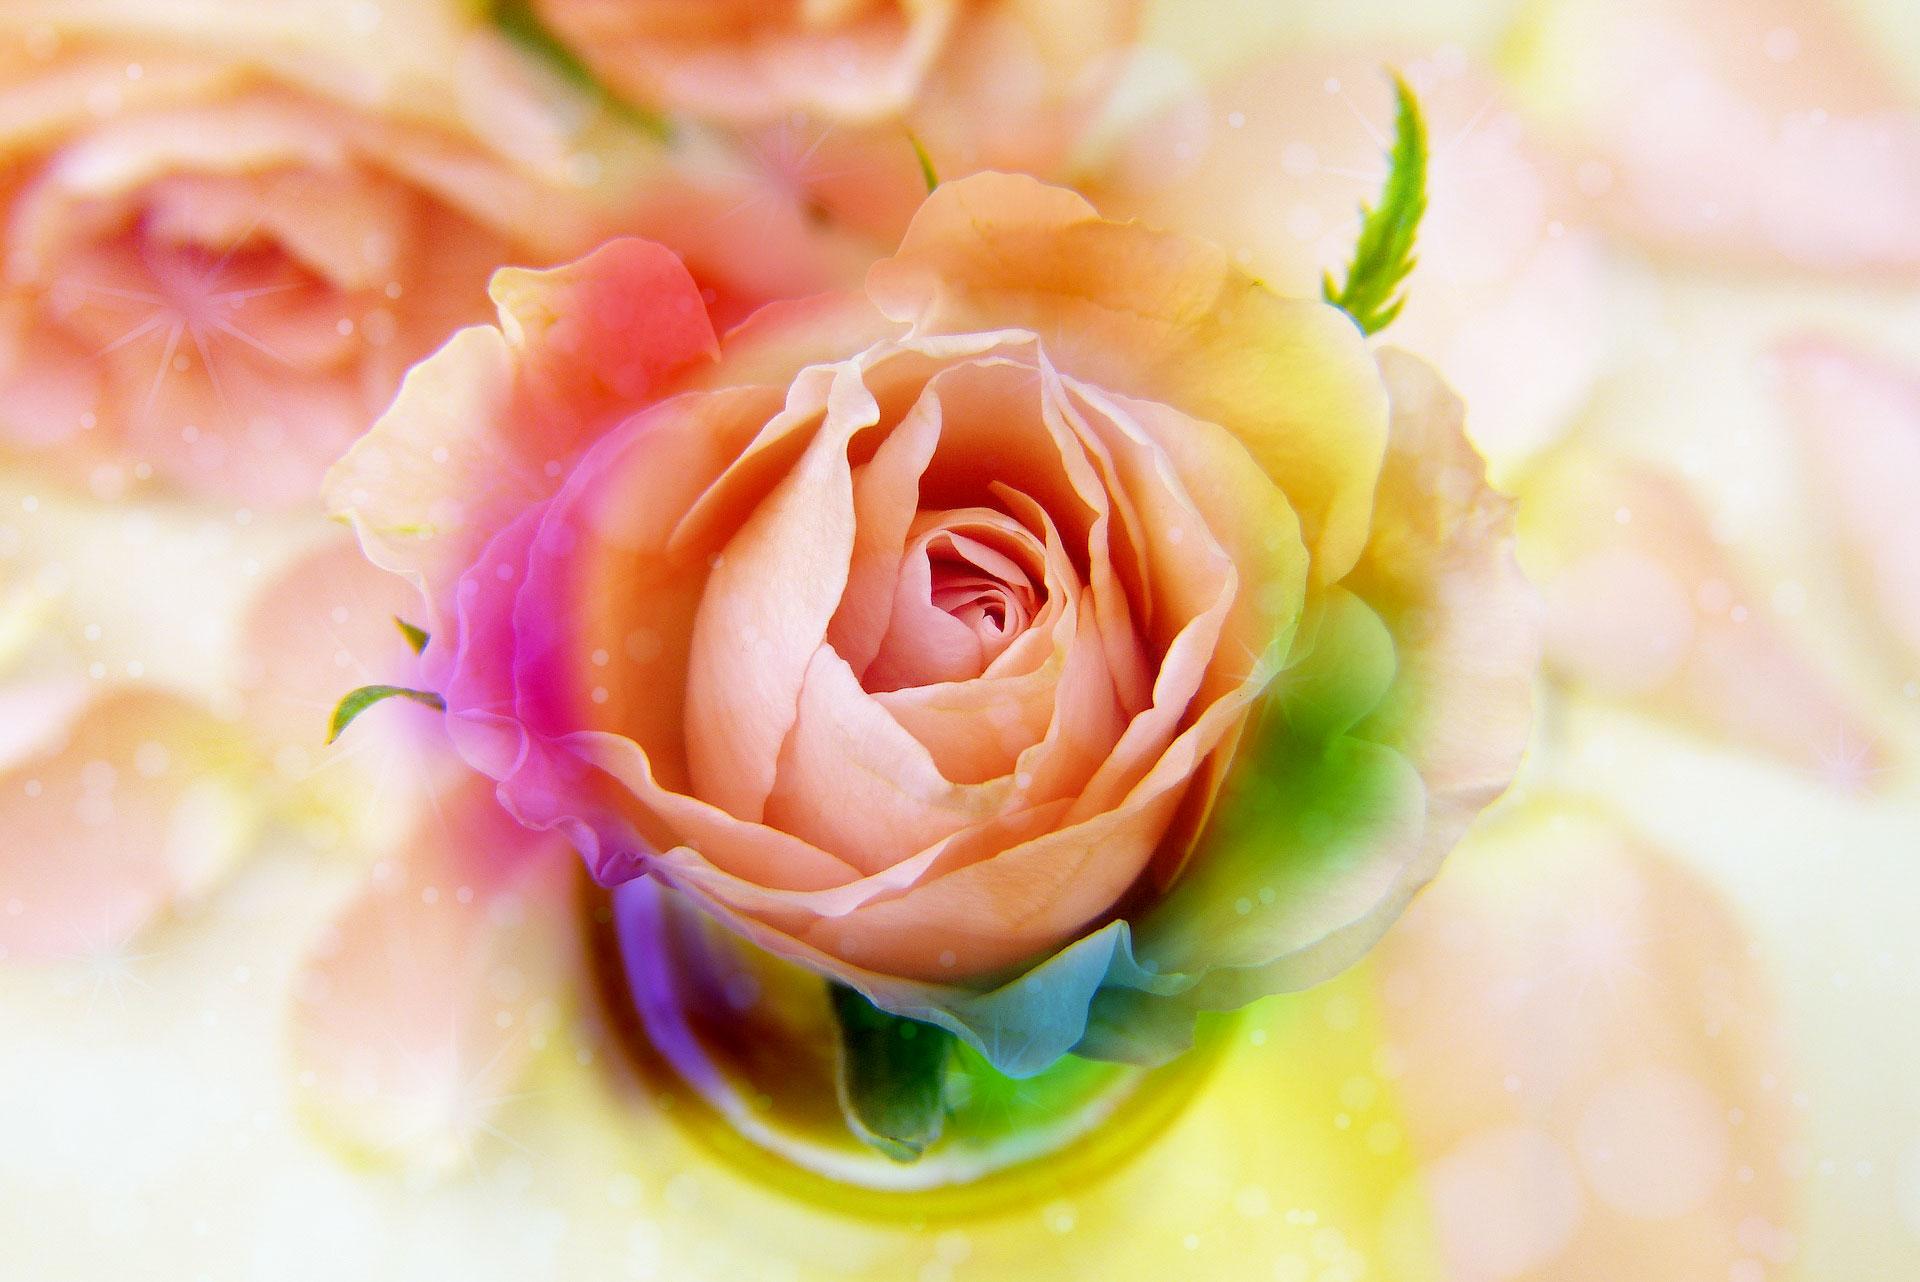 薔薇と虹の待ち受けで恋を叶える